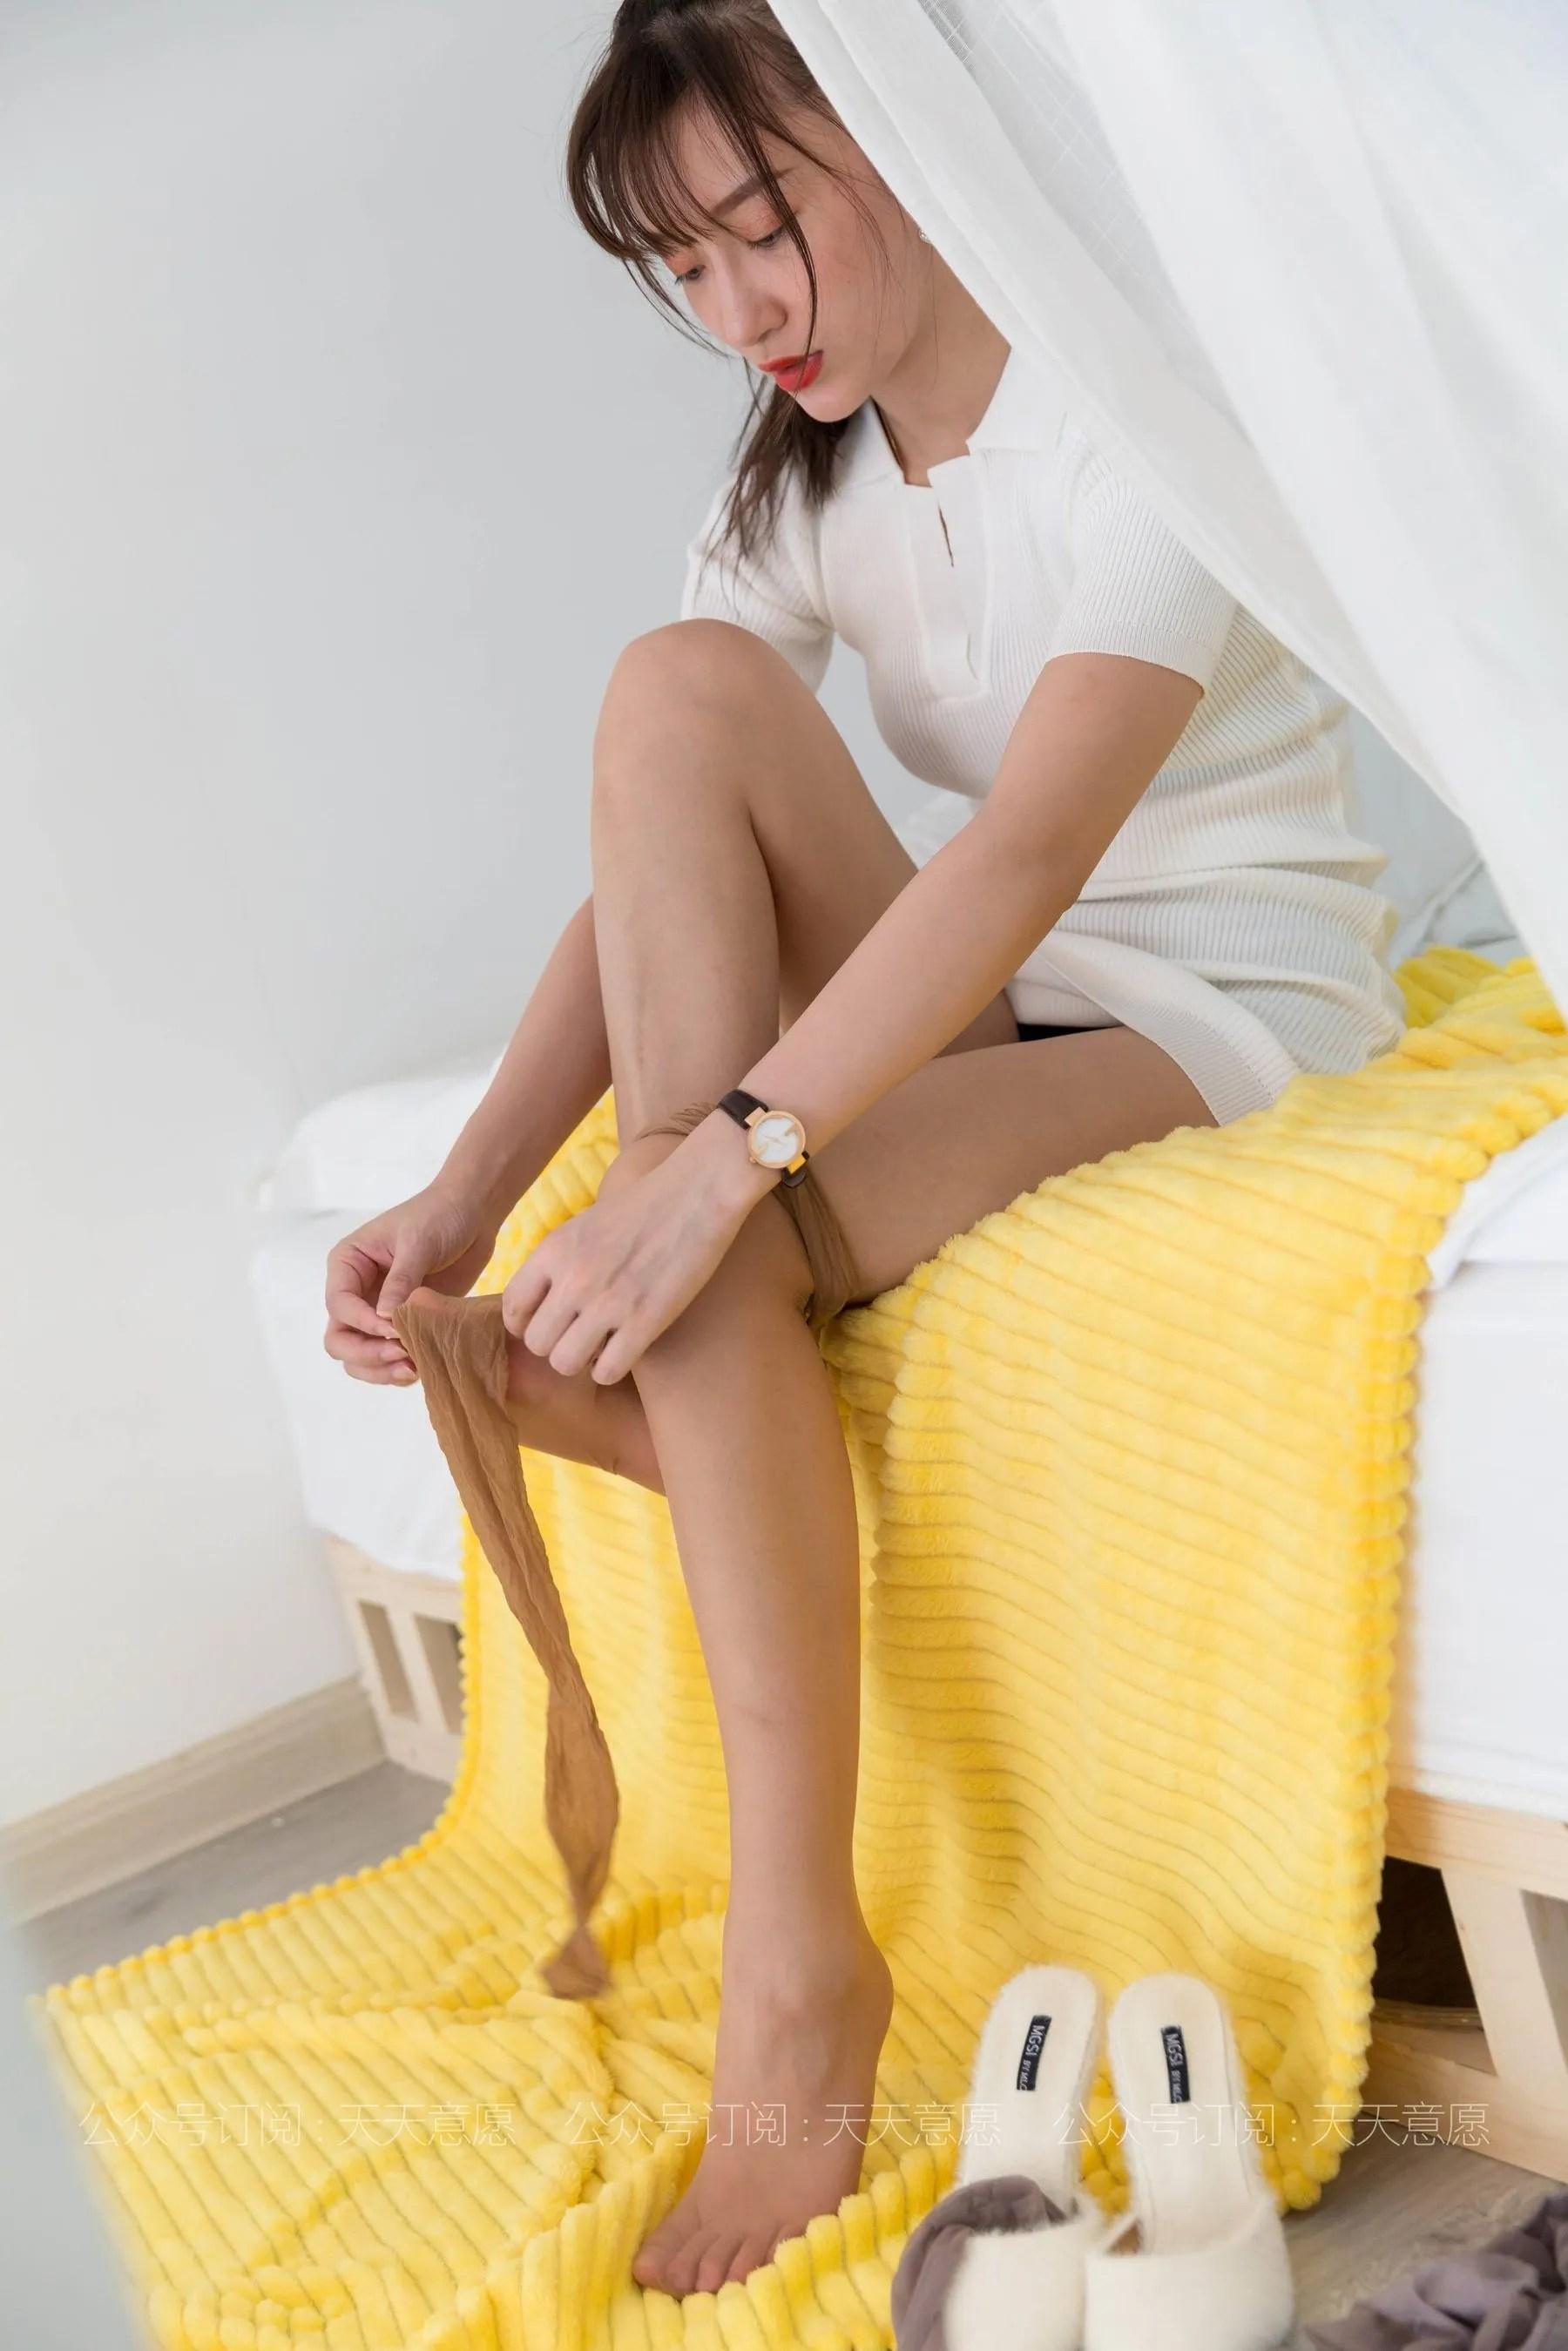 [IESS] 丝享家 767 秋秋《纯欲白短裙》 丝袜美腿写真[91P]插图(6)